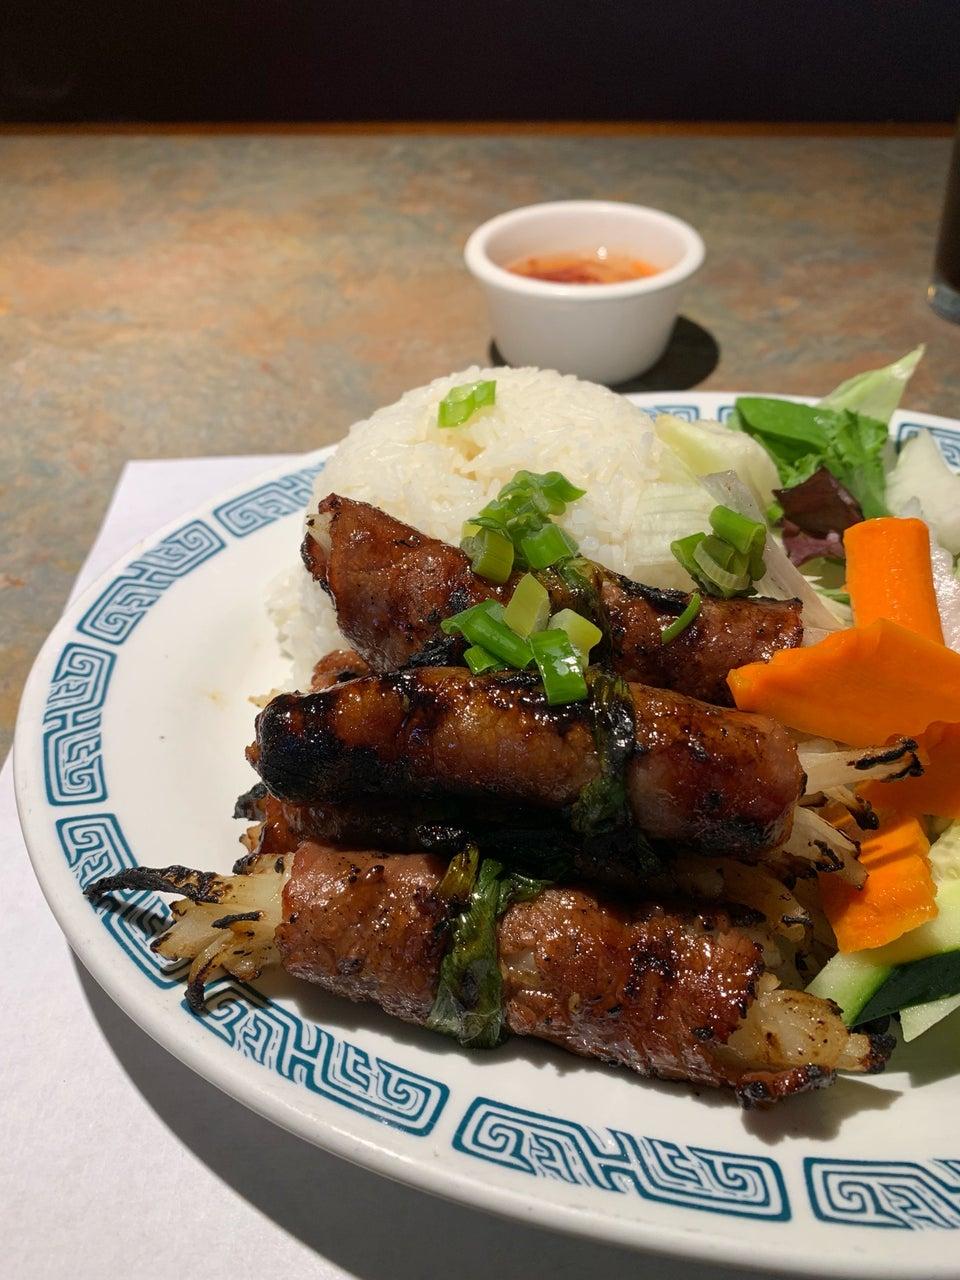 Vung Tau II Restaurant 1750 N Milpitas Blvd, Milpitas